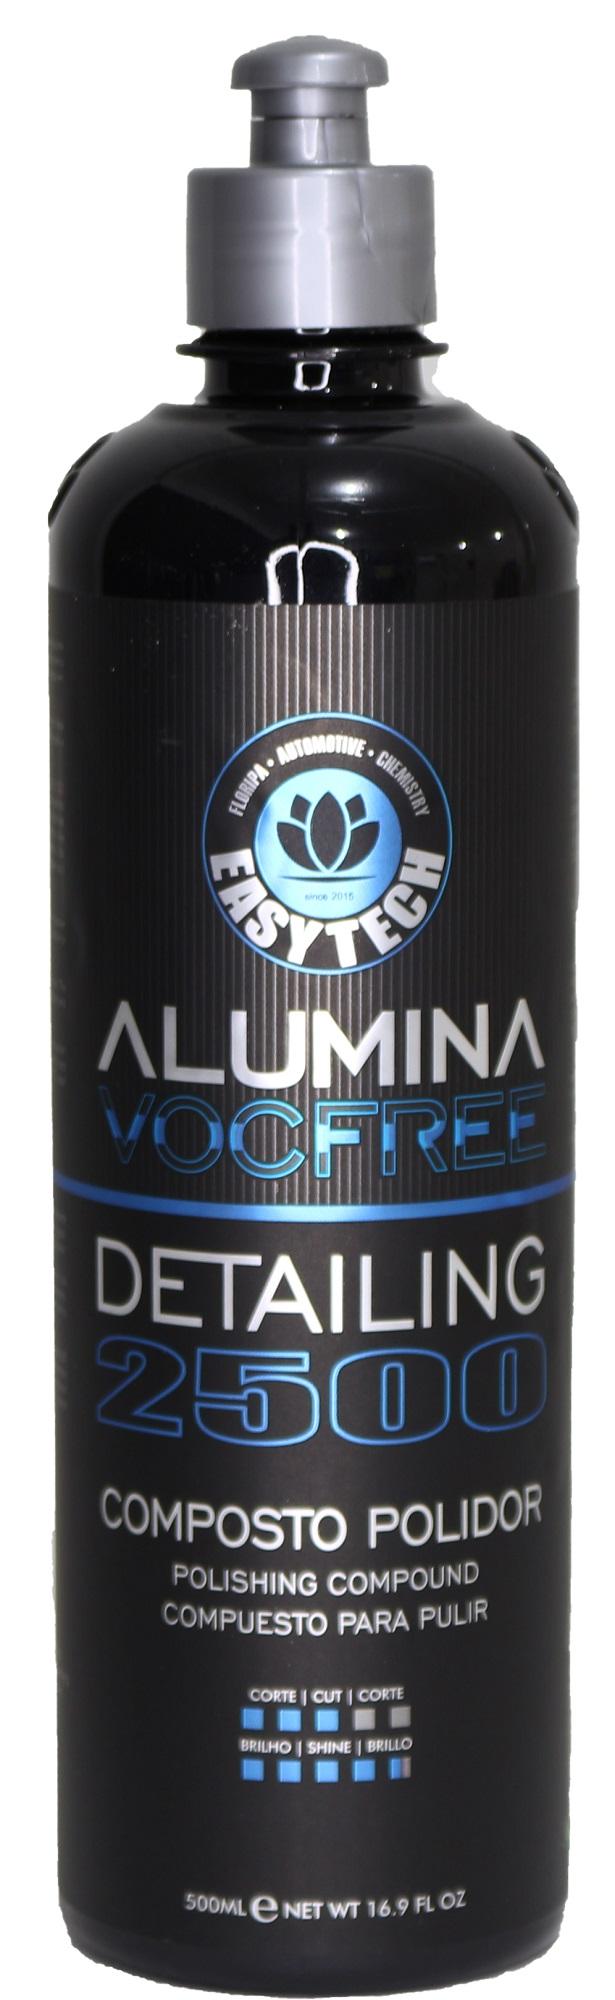 Alumina Detailing 2500  Composto Polidor de Refino 500ML